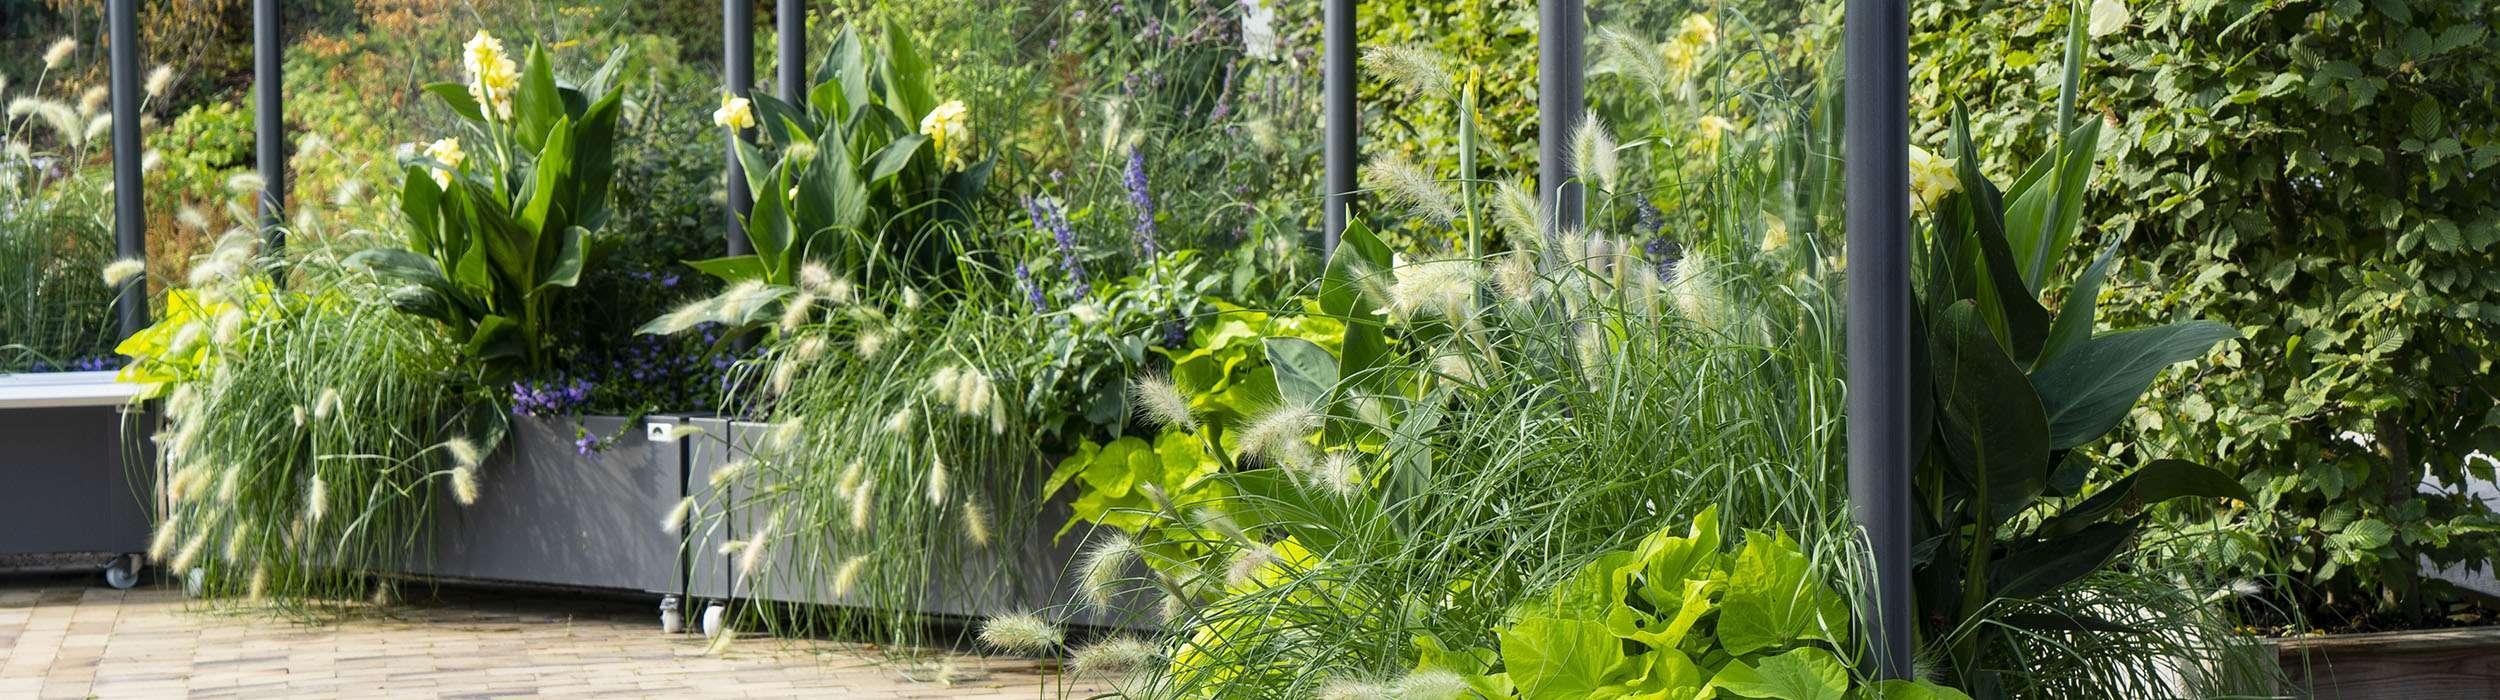 Pflanzen Sichtschutz Terrasse Ideen